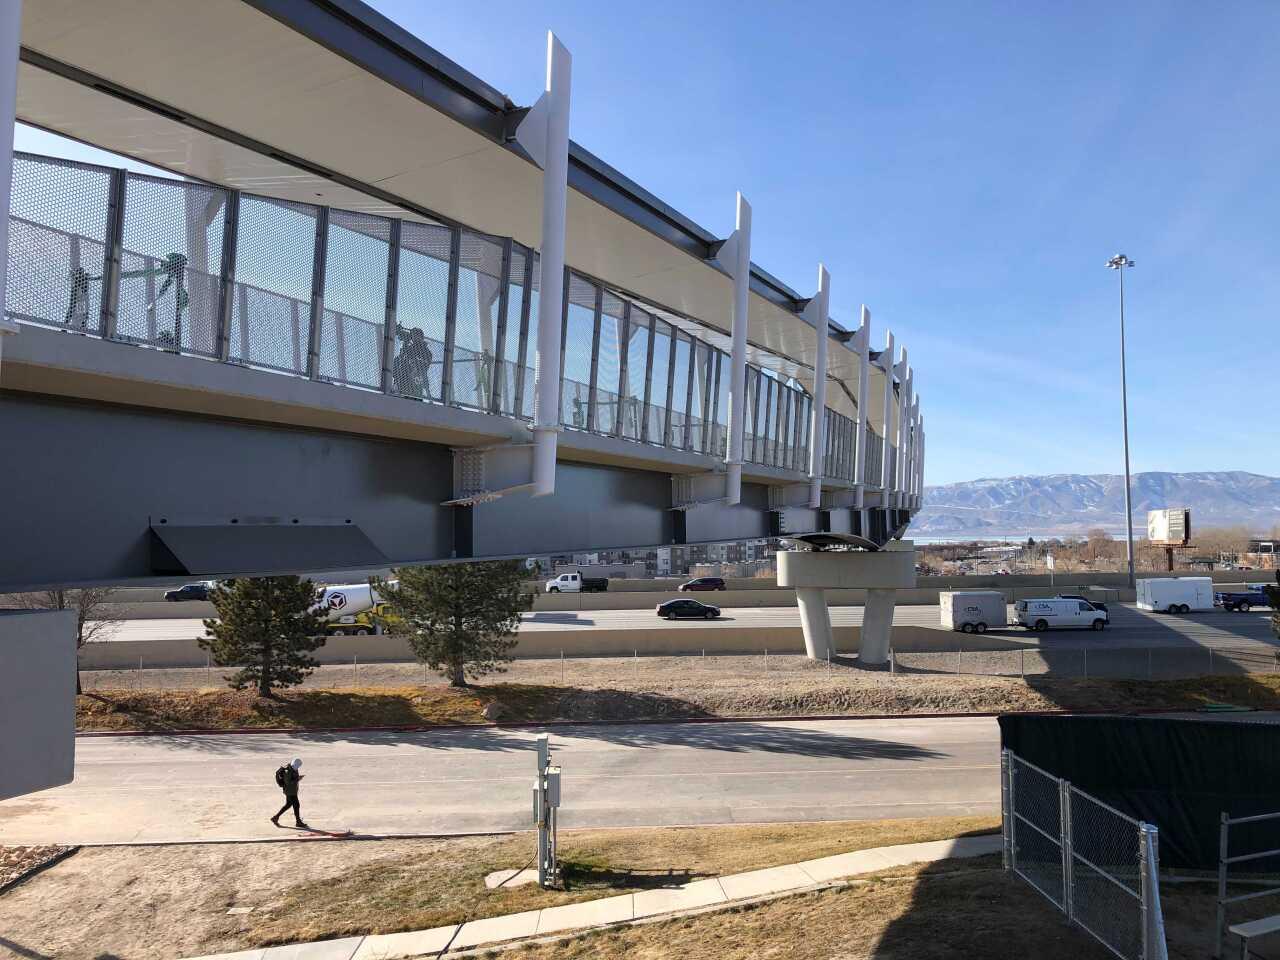 UVU Pedestrian Bridge